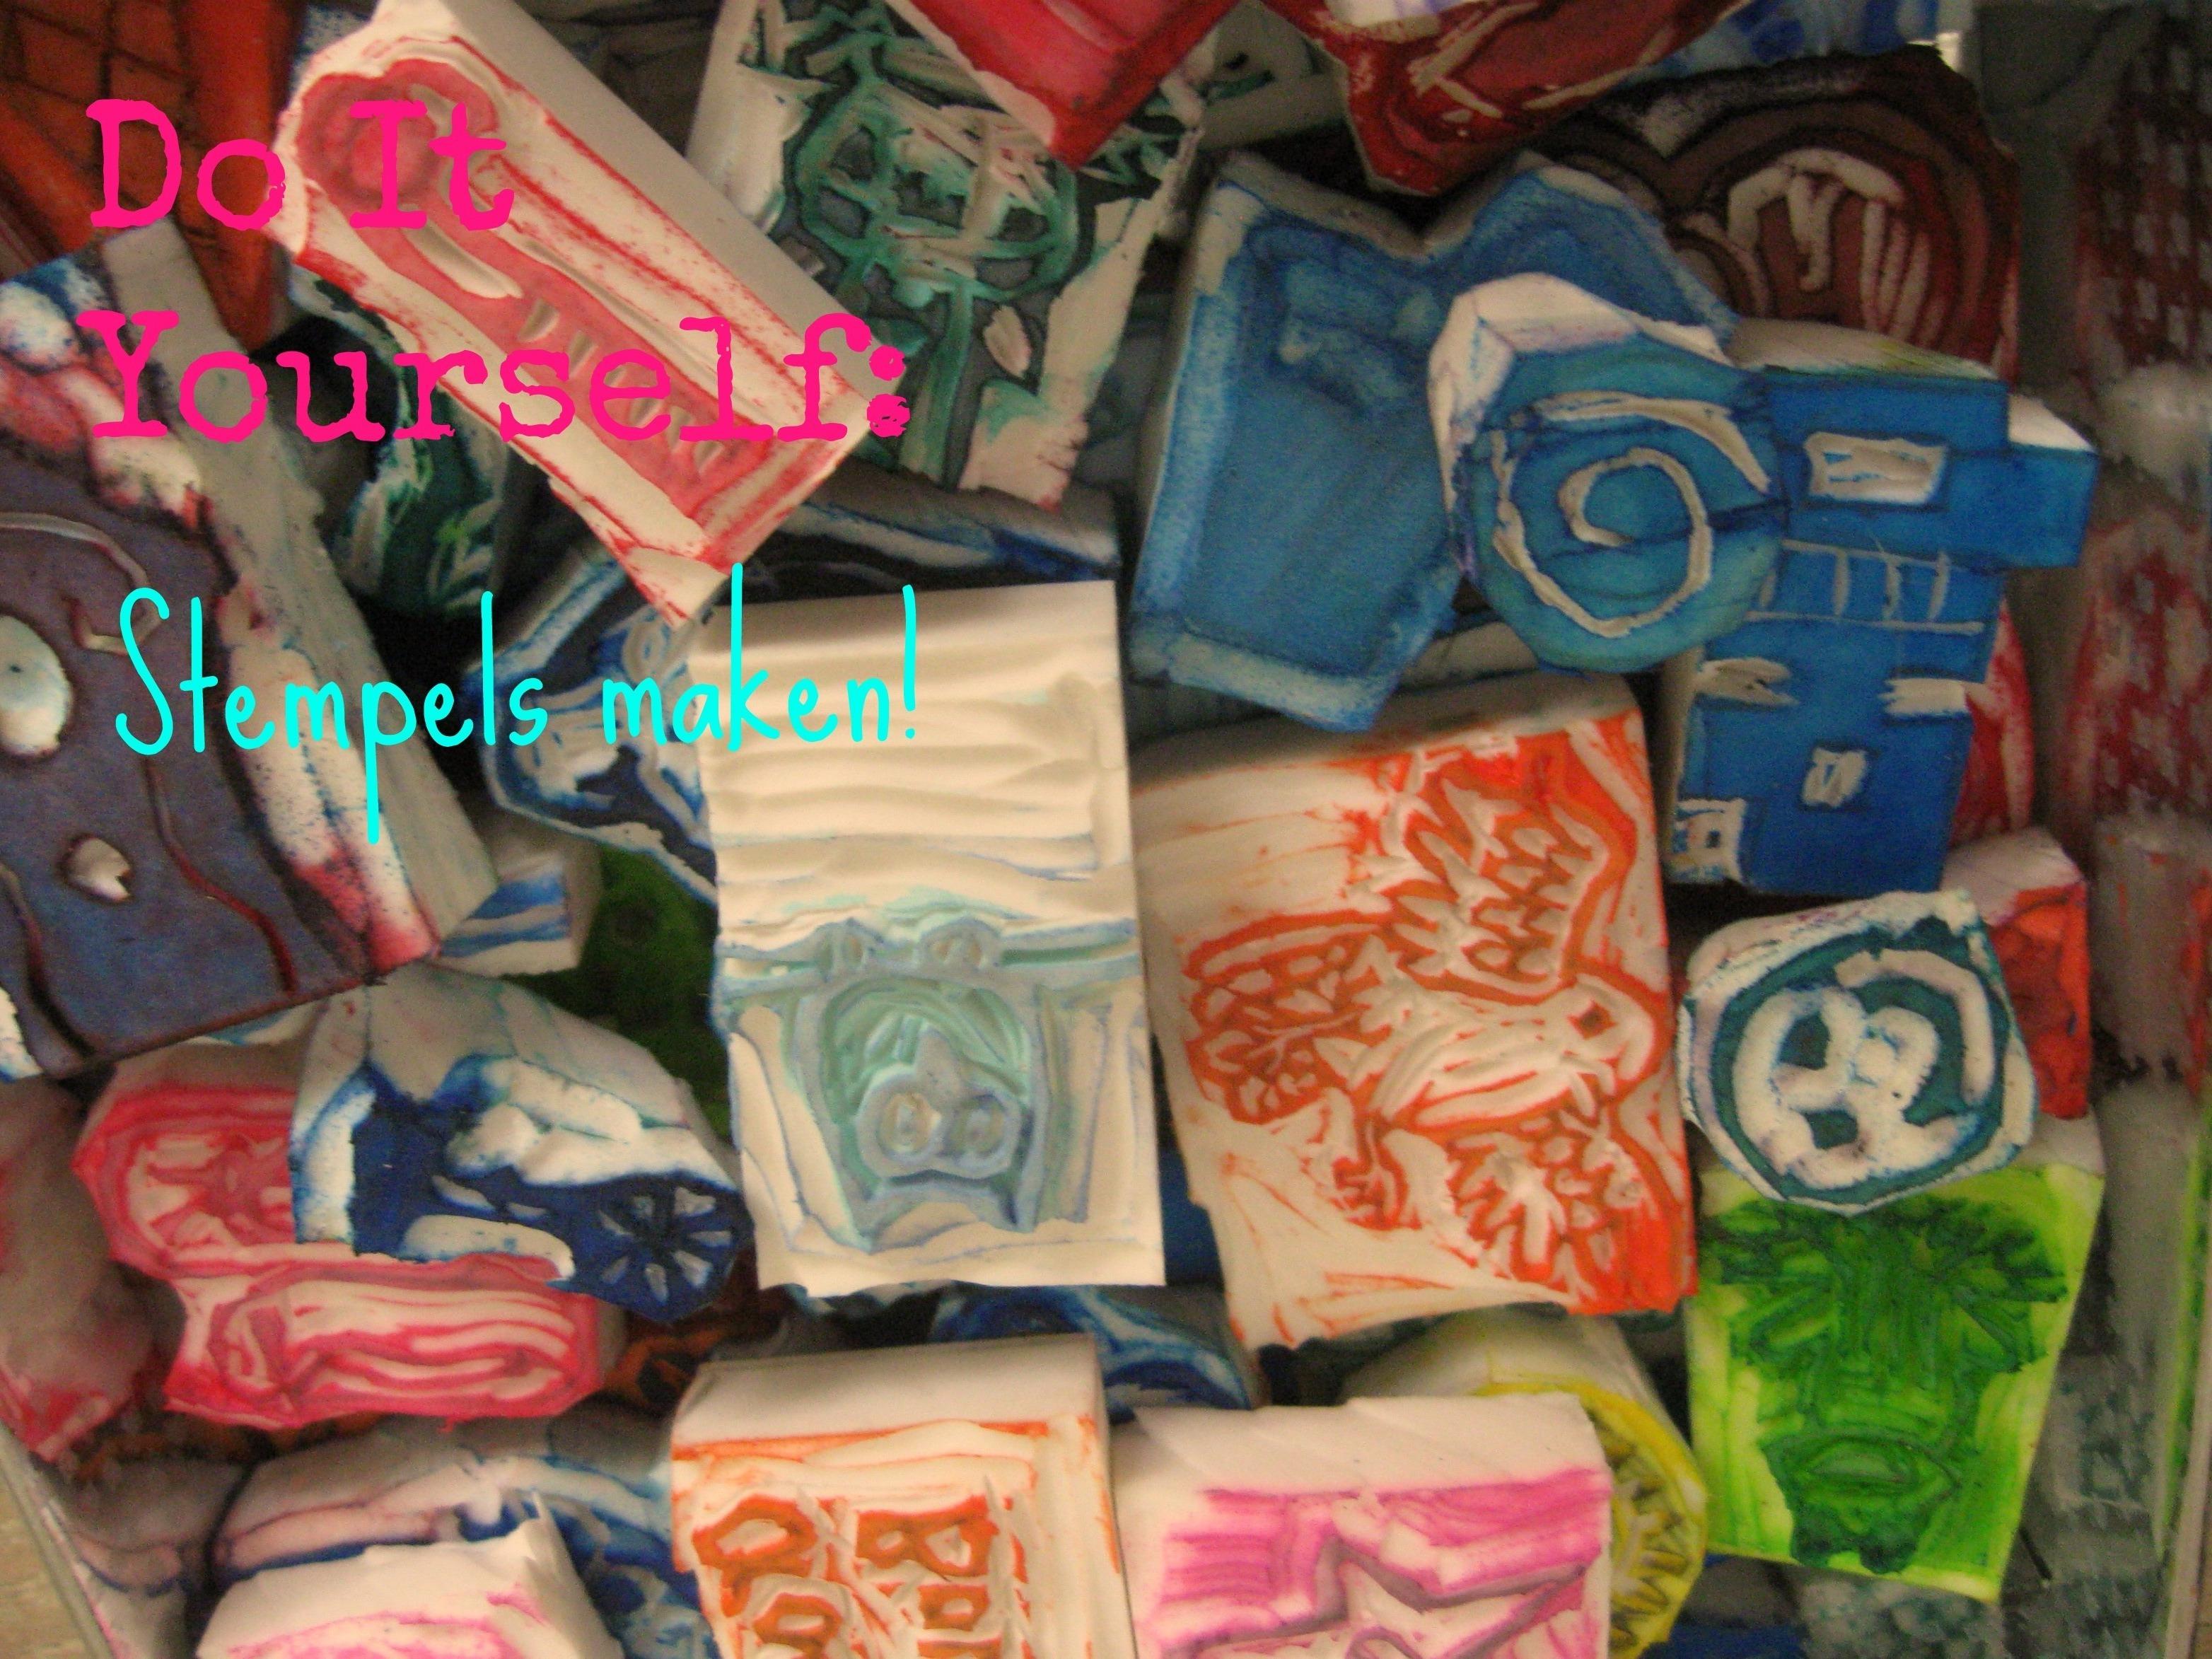 Fonkelnieuw DIY: Je eigen stempels maken! | Eline's Blog EH-27